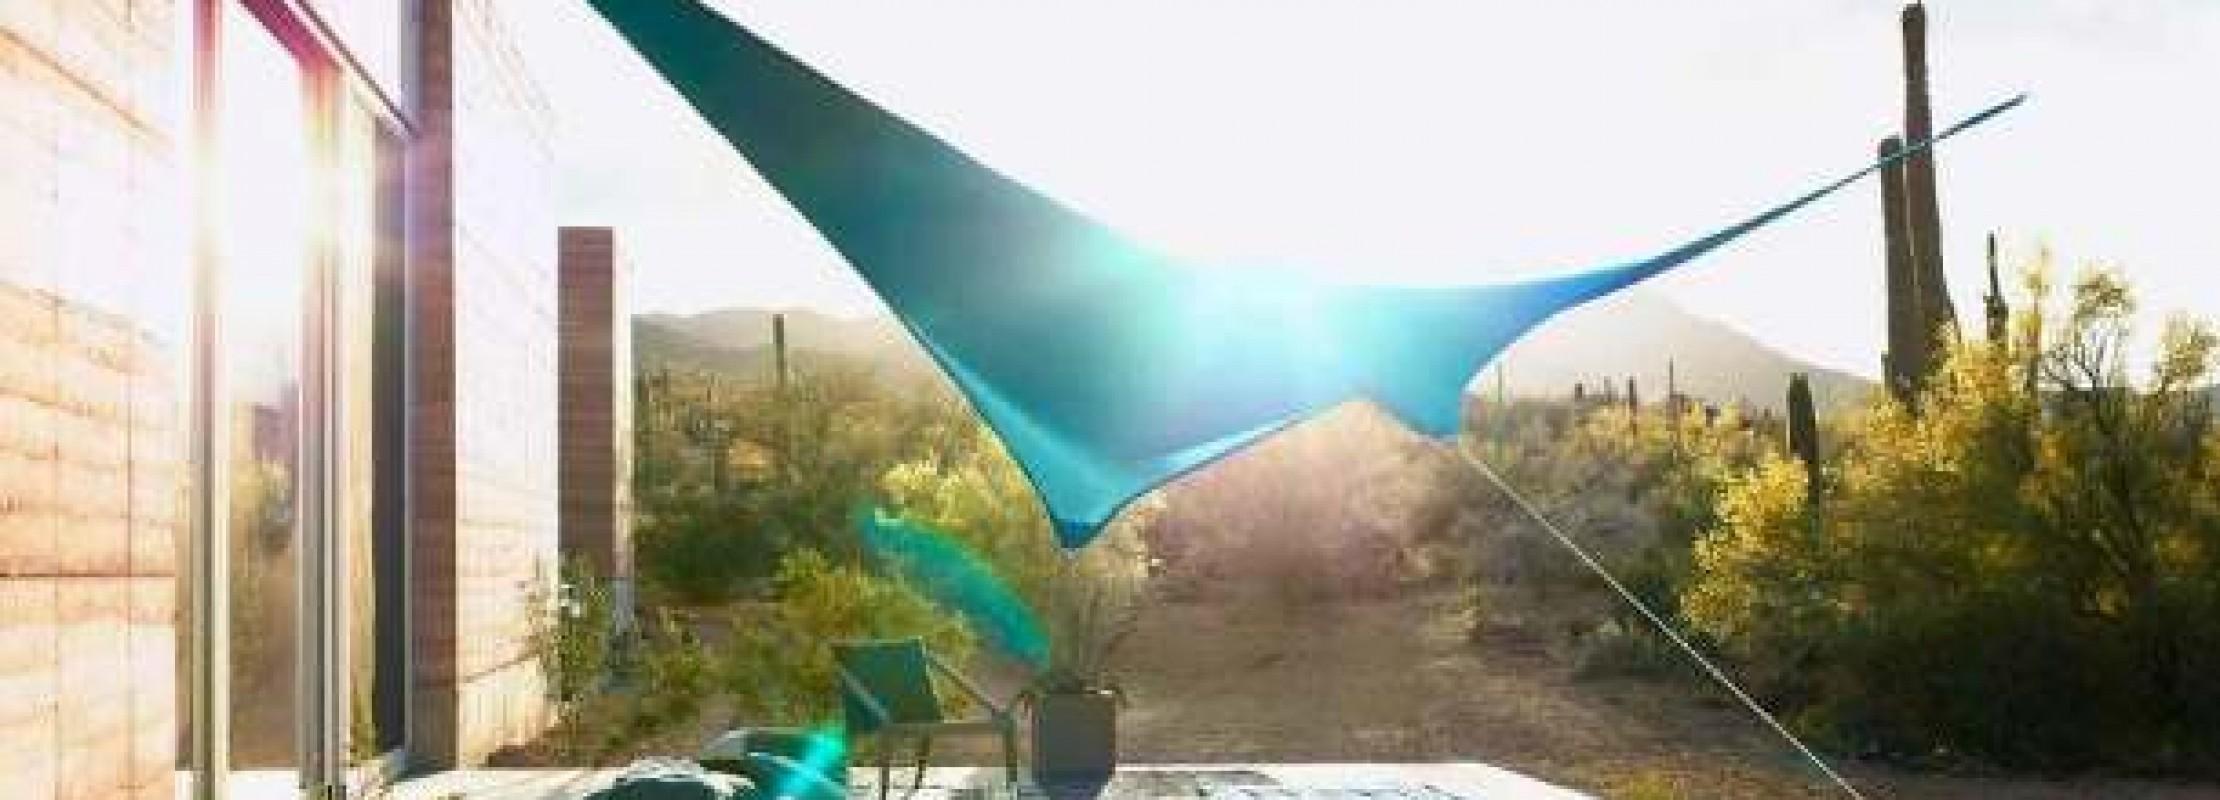 Tende Da Sole Resistenti Alla Pioggia.Le Migliori Tende Da Sole Per Esterni Blog Edilnet